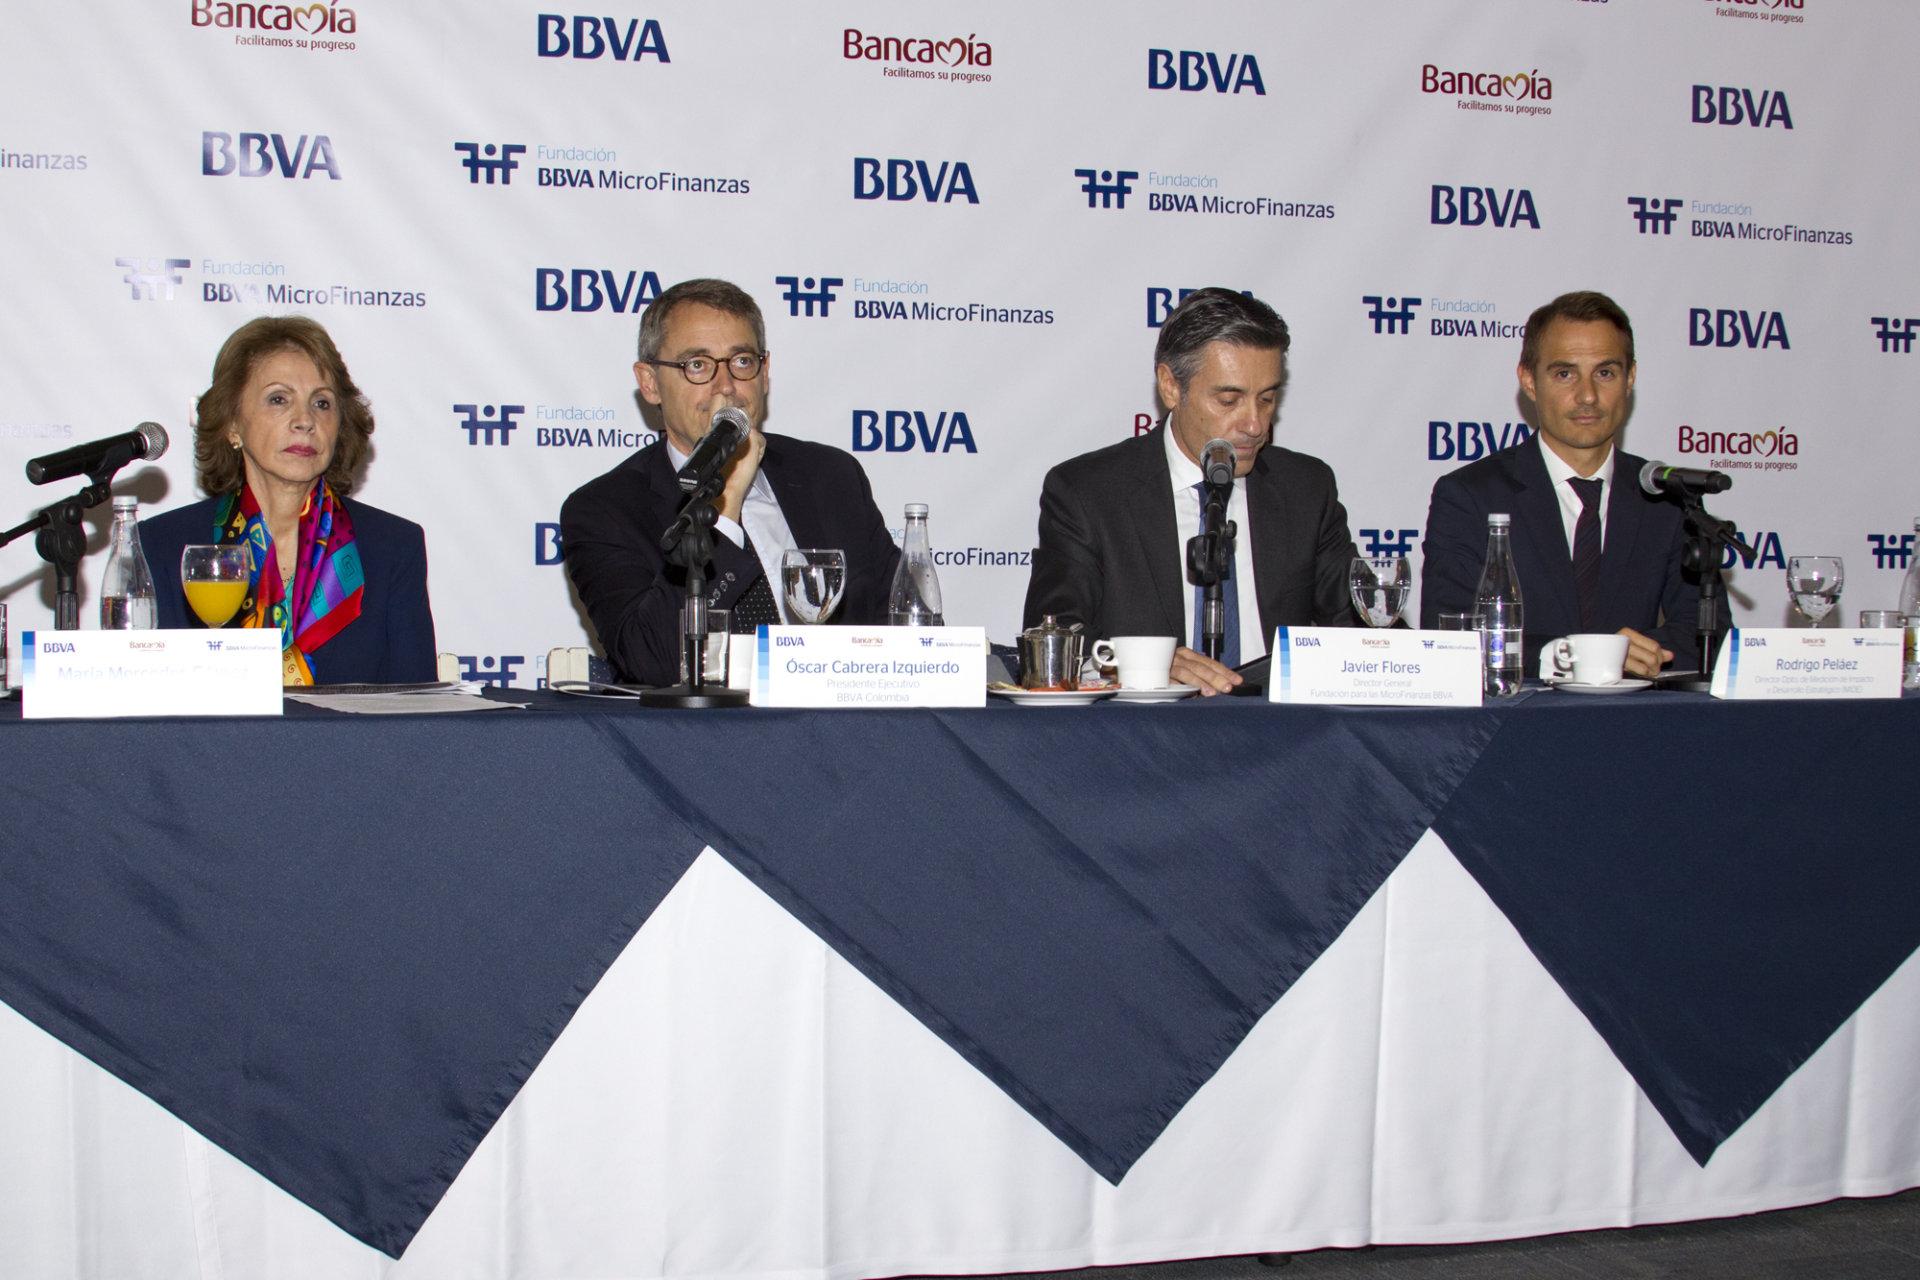 Bbva microfinanzas de bbva en colombia se acercan al for Bbva cierre oficinas